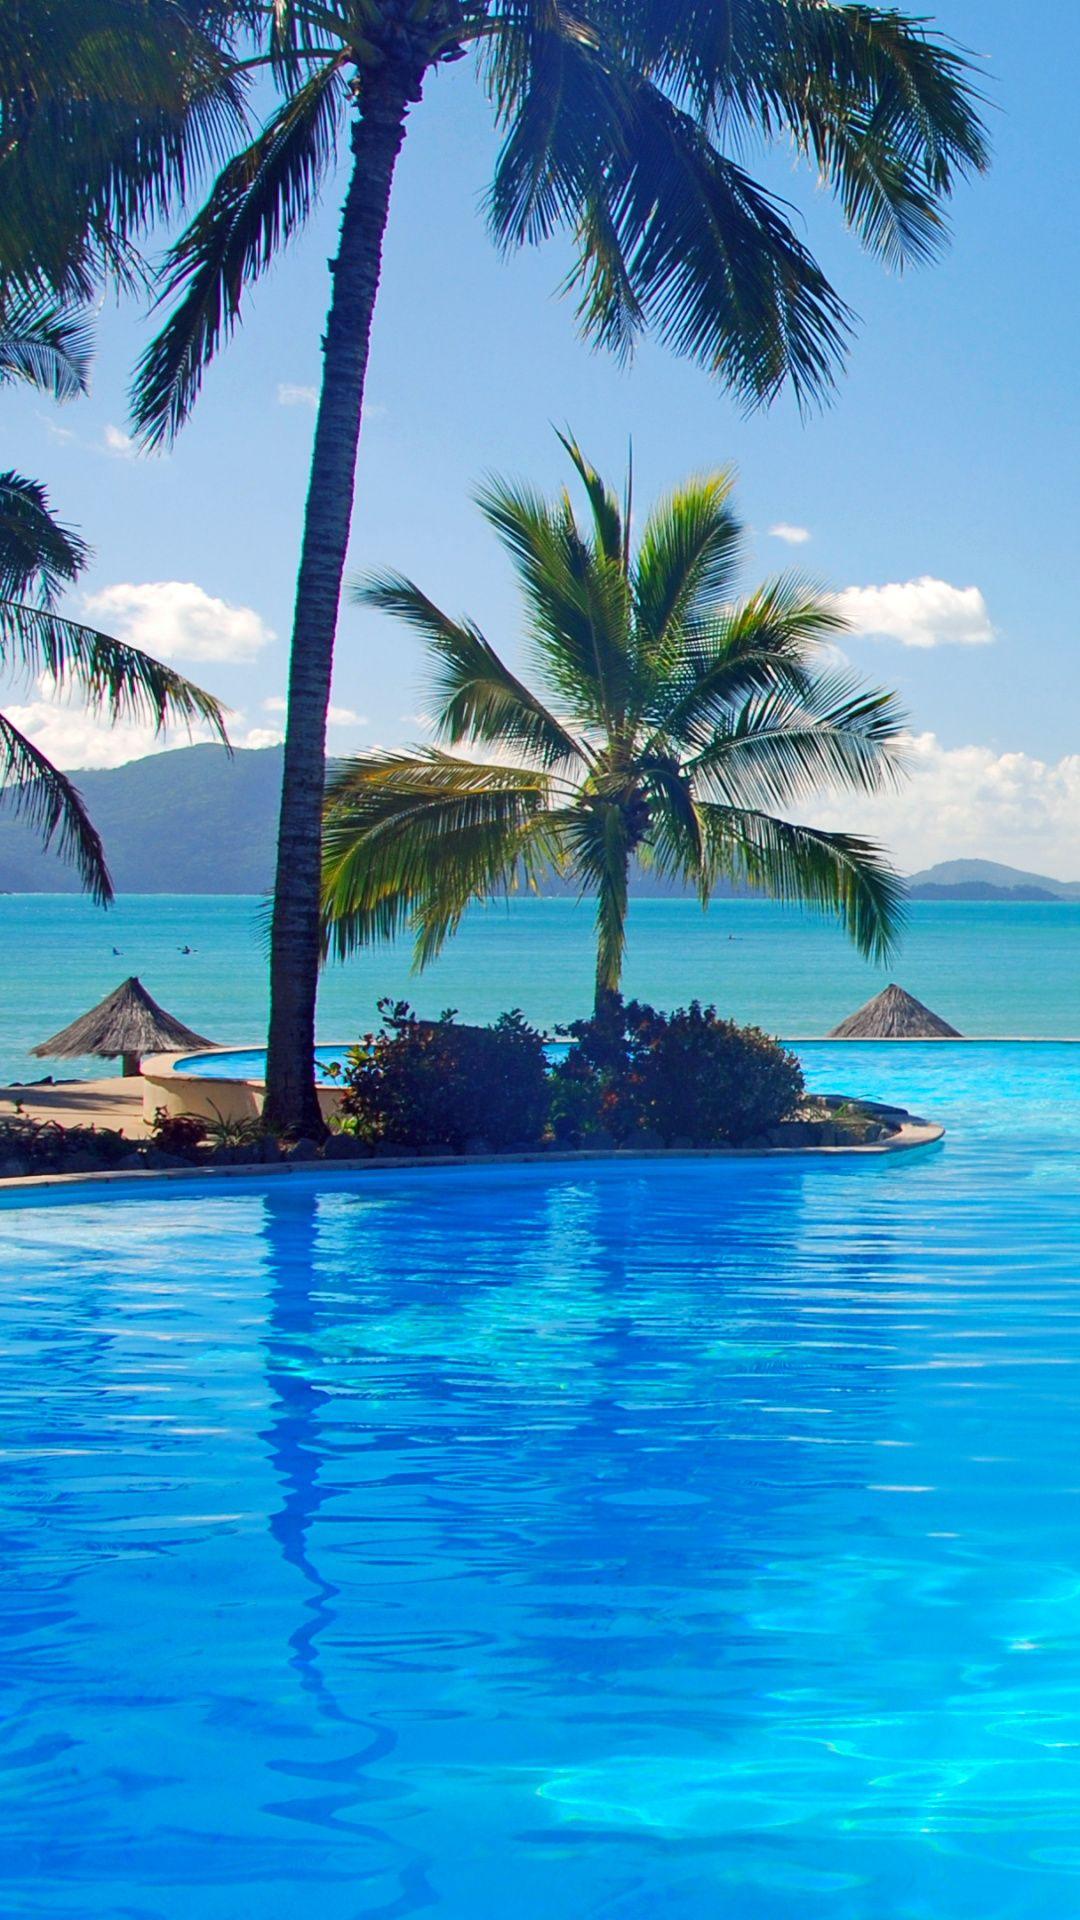 Wallpapers Swimming Pool Property Pool Resort Vacation Arsitektur Modern Kolam Renang Kolam Download swimming pool hd wallpapers to